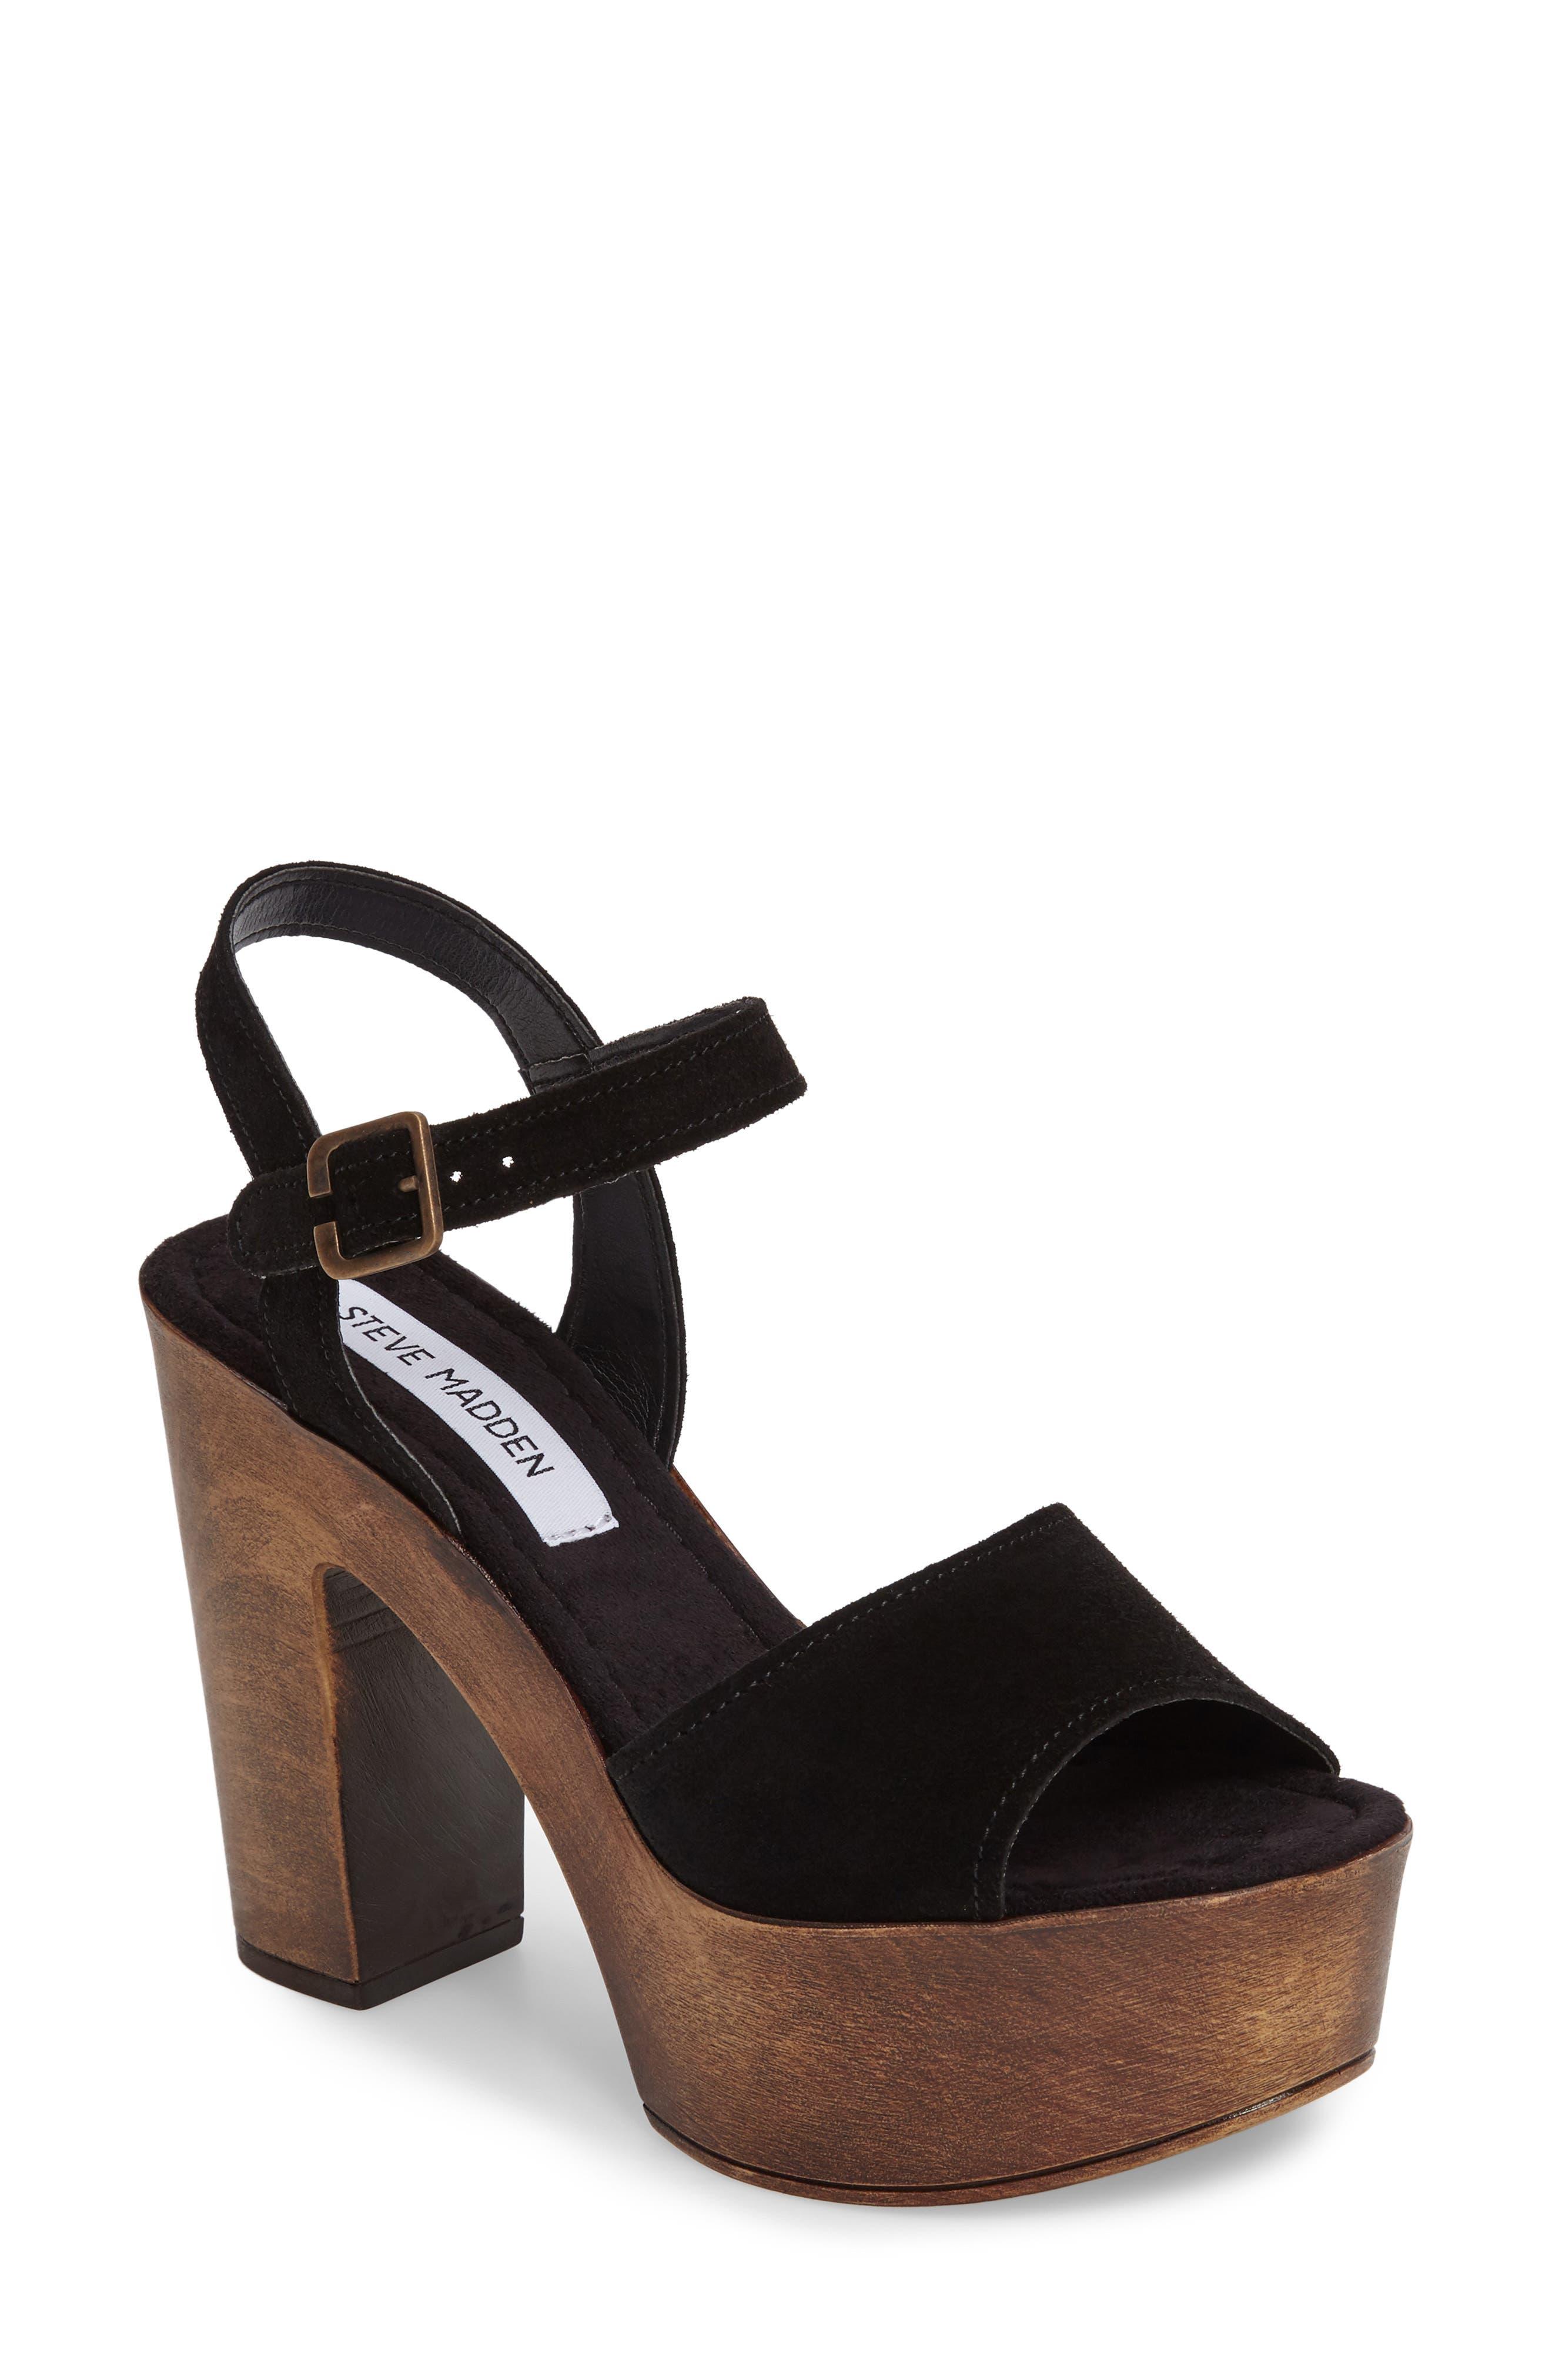 Lulla Platform Sandal,                         Main,                         color, Black Suede